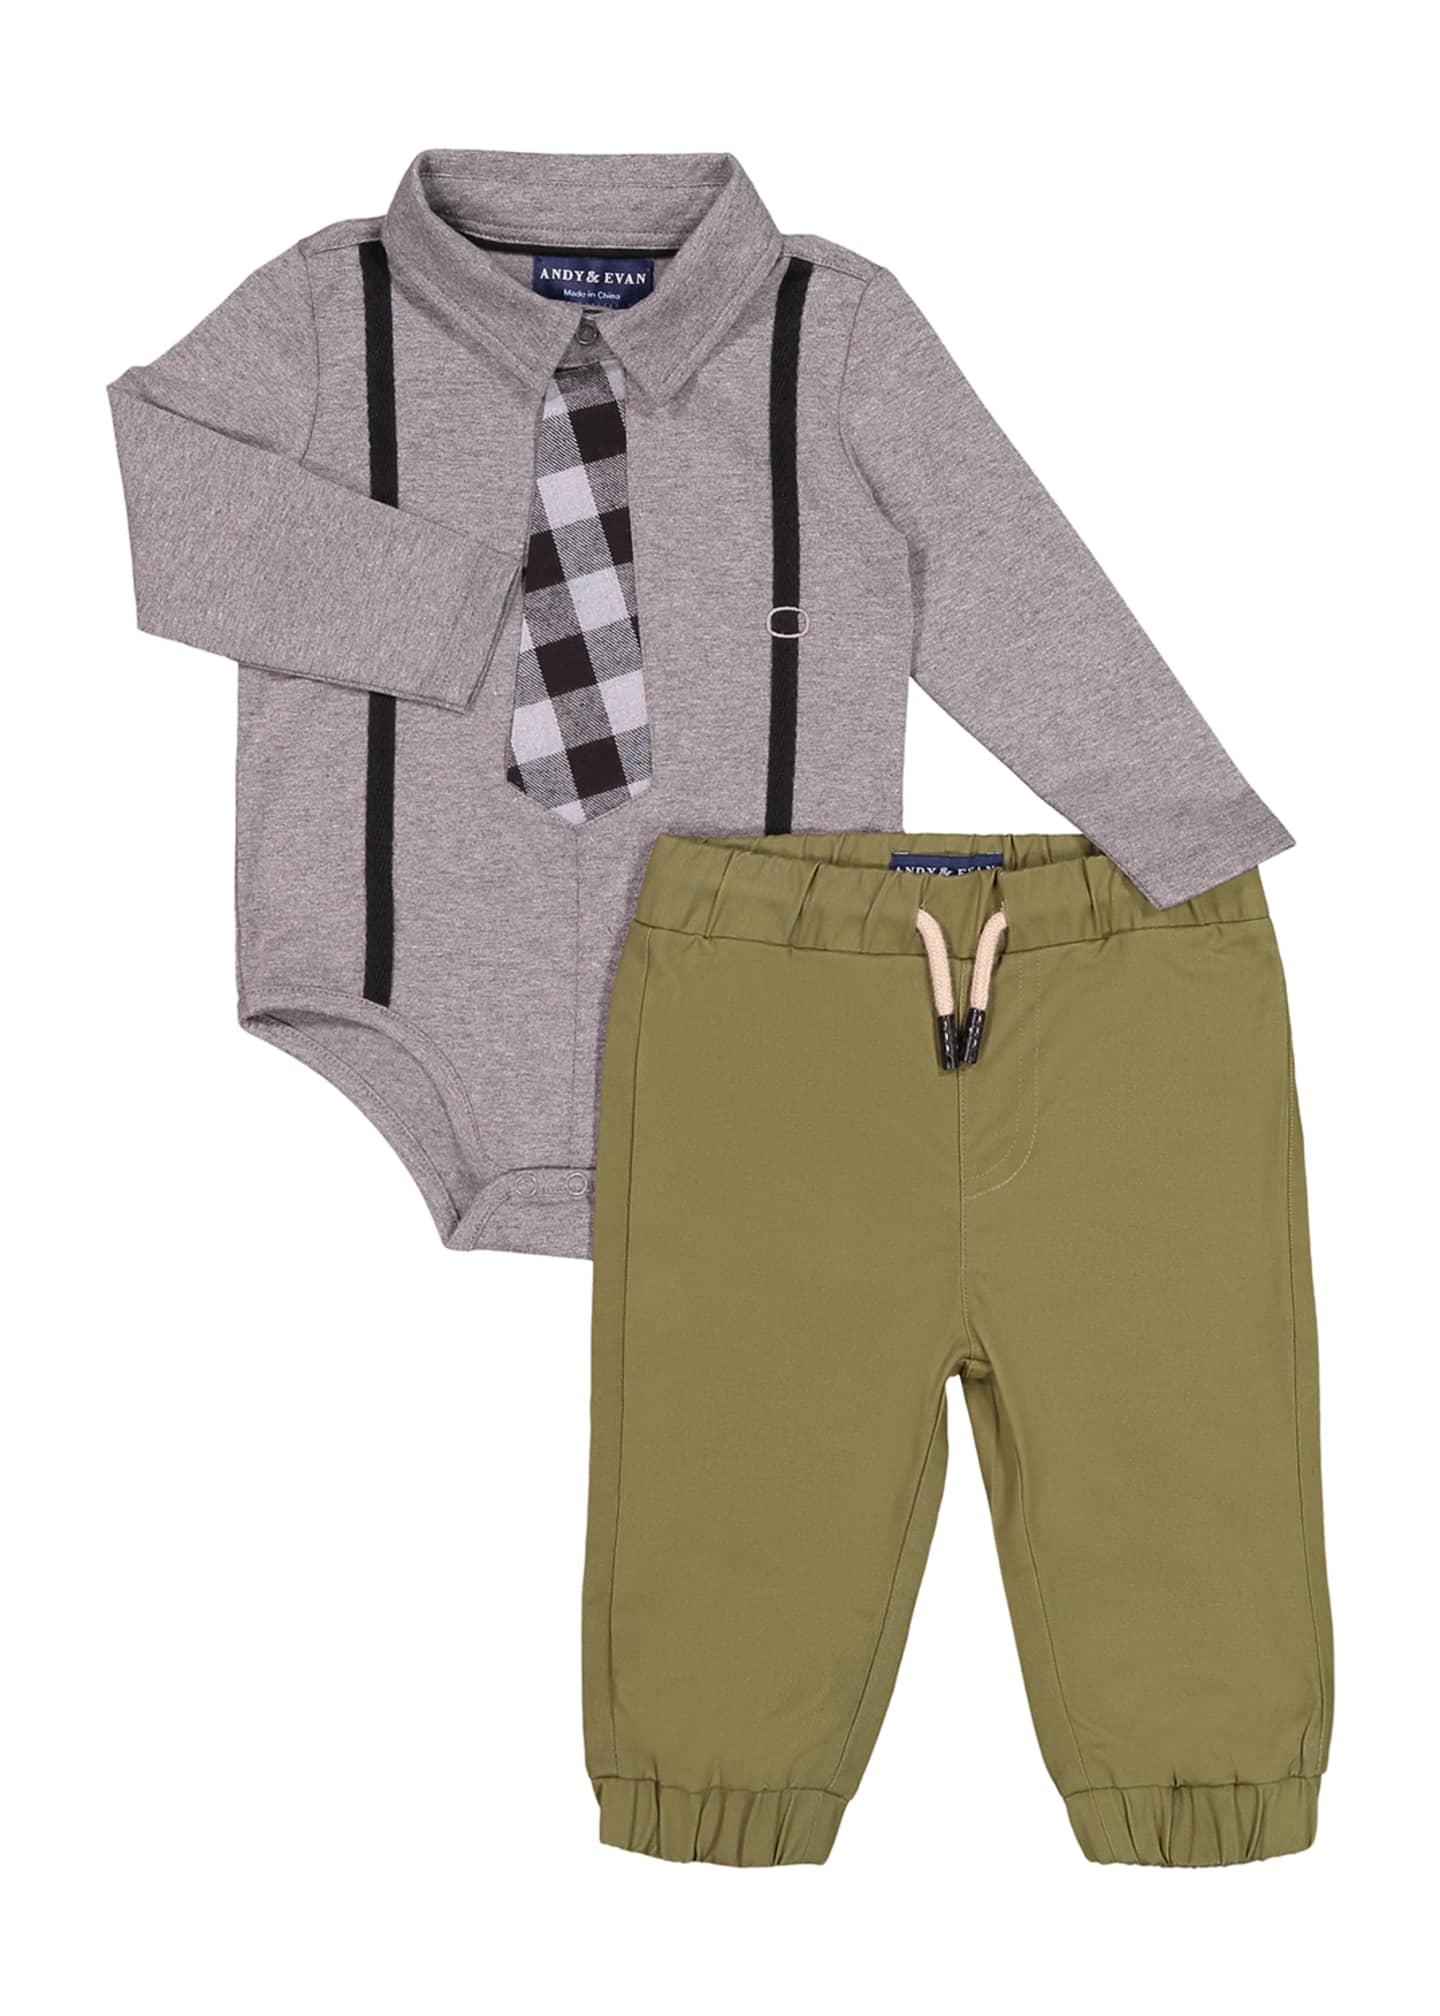 Andy & Evan Boy's Suspender Shirtzie Bodysuit w/